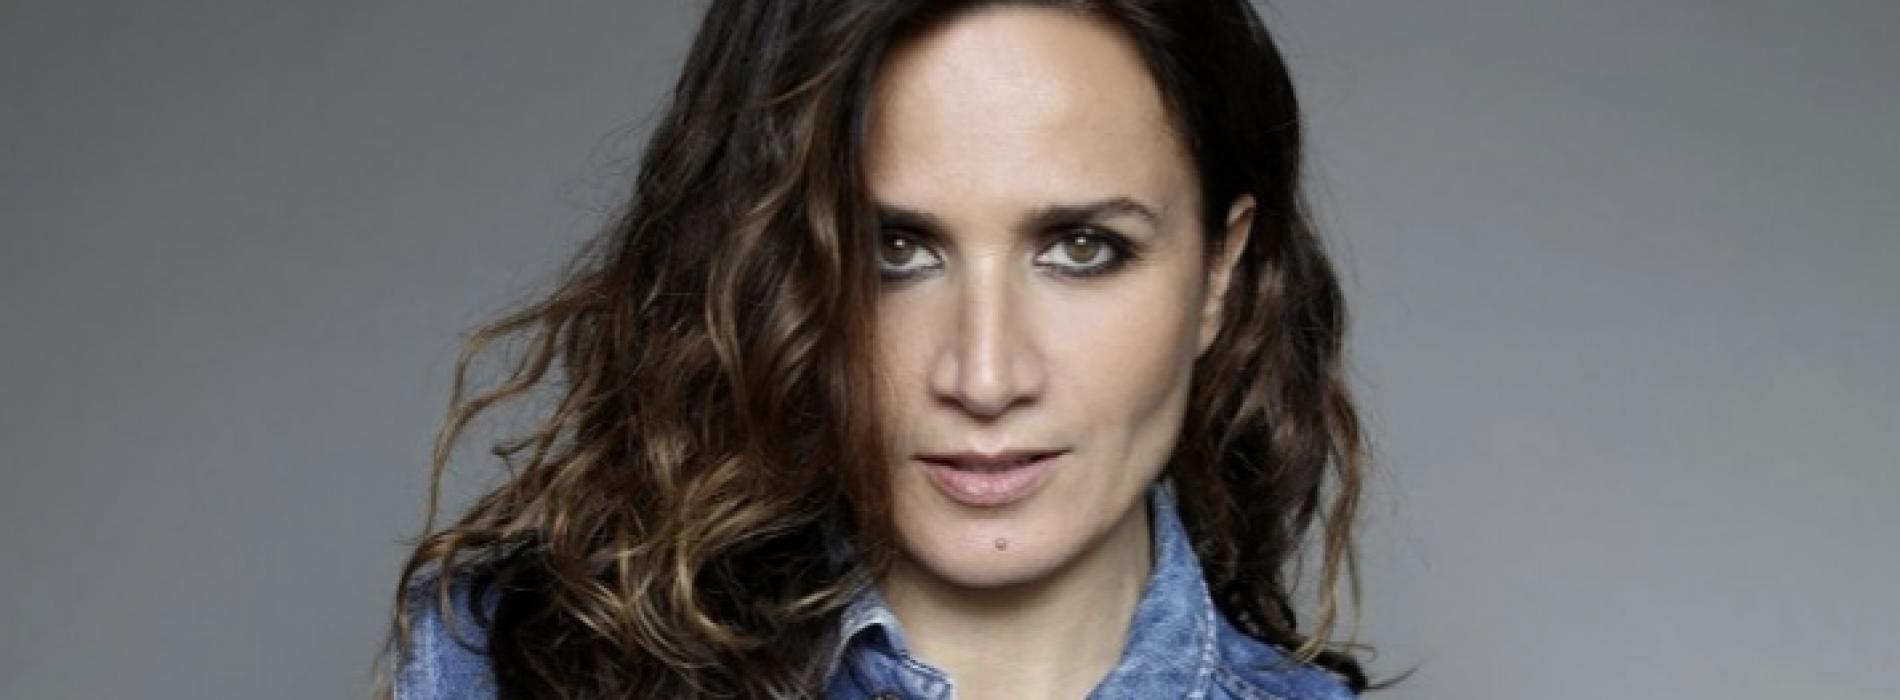 Aversa, al Premio Bianca d'Aponte ecco le cantautrici finaliste